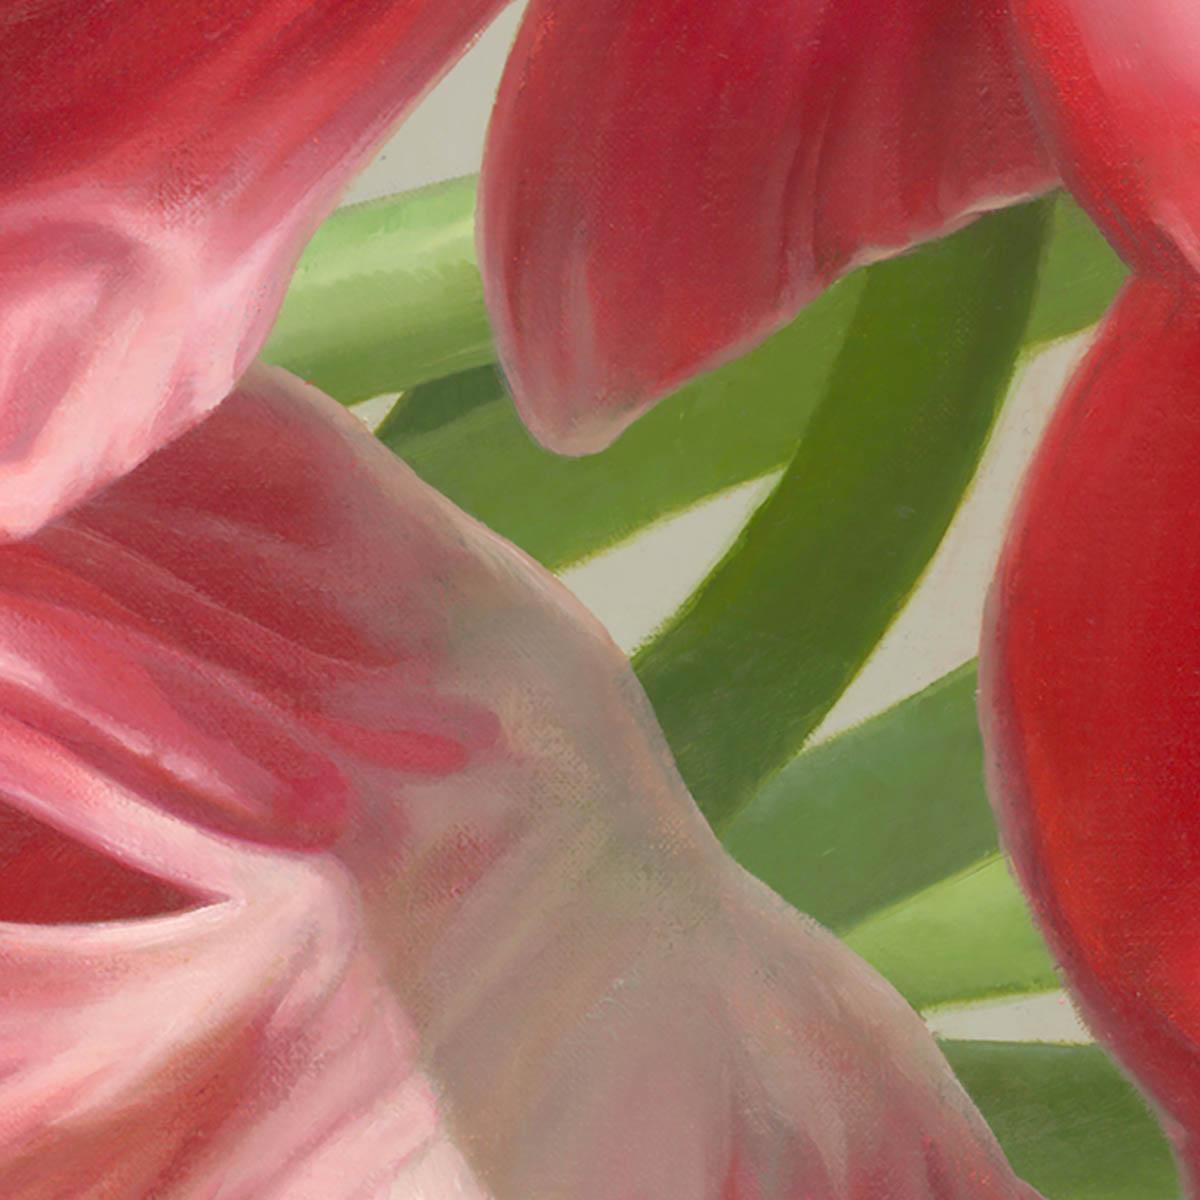 Tranh hoa tulip màu đỏ tả thực đẹp cuốn hút.